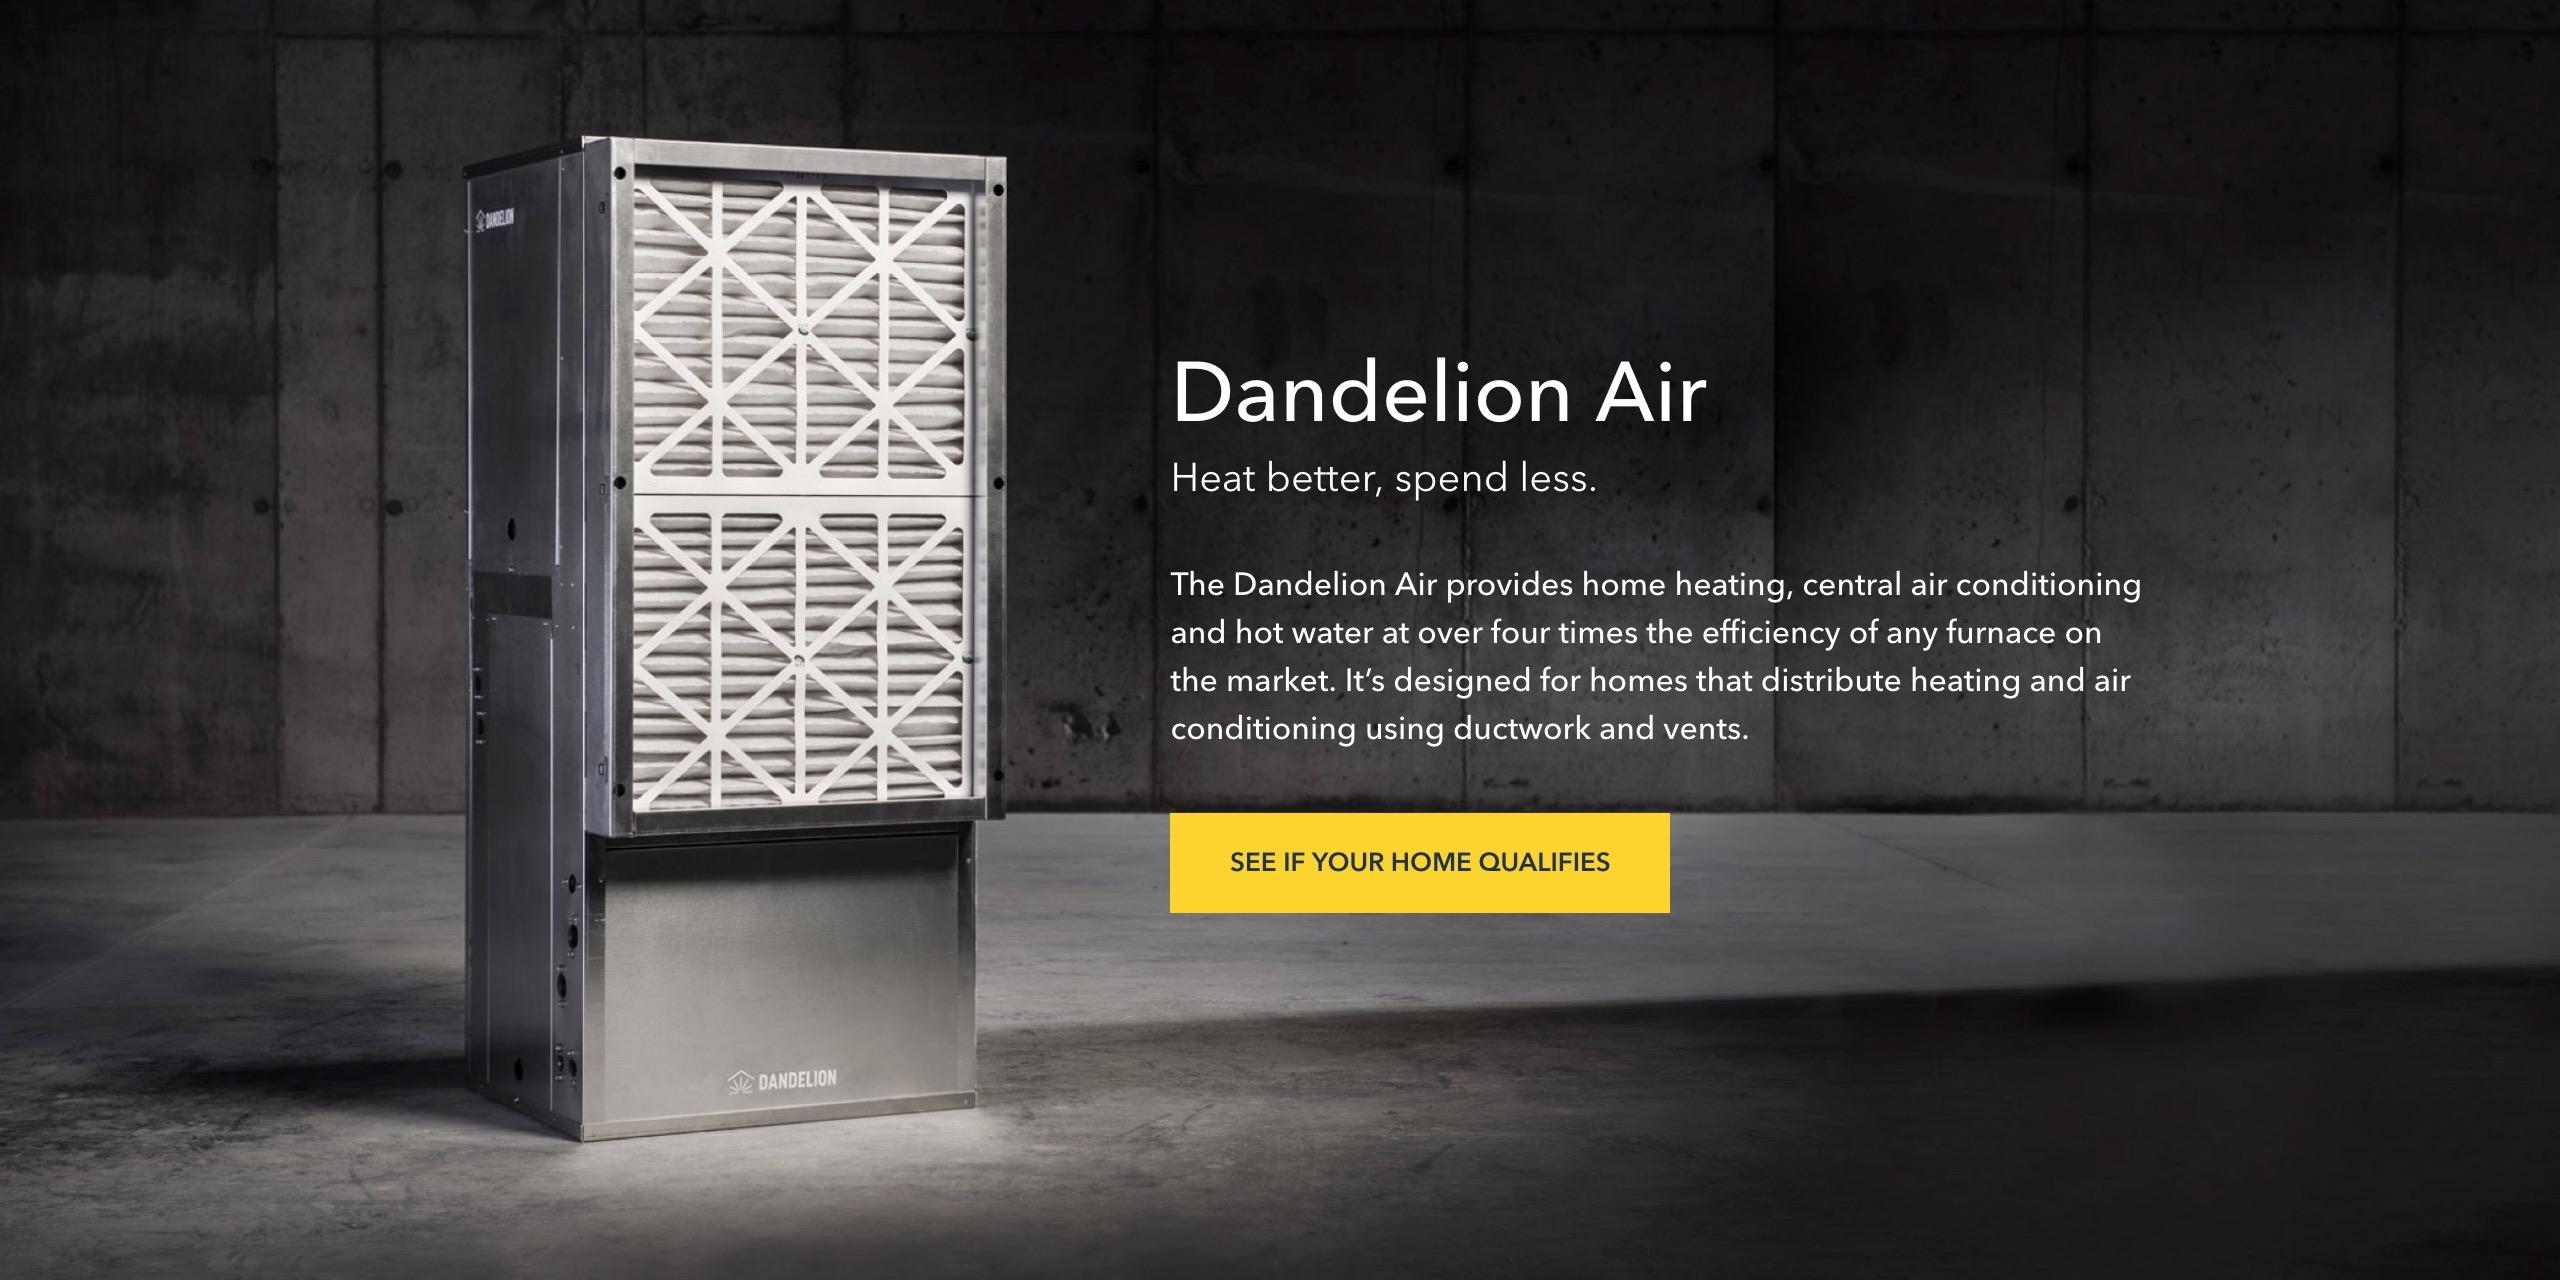 GV investiert in Dandelion Energy, nachdem die geothermische Erwärmung / Abkühlung von Alphabet ausgegliedert wurde